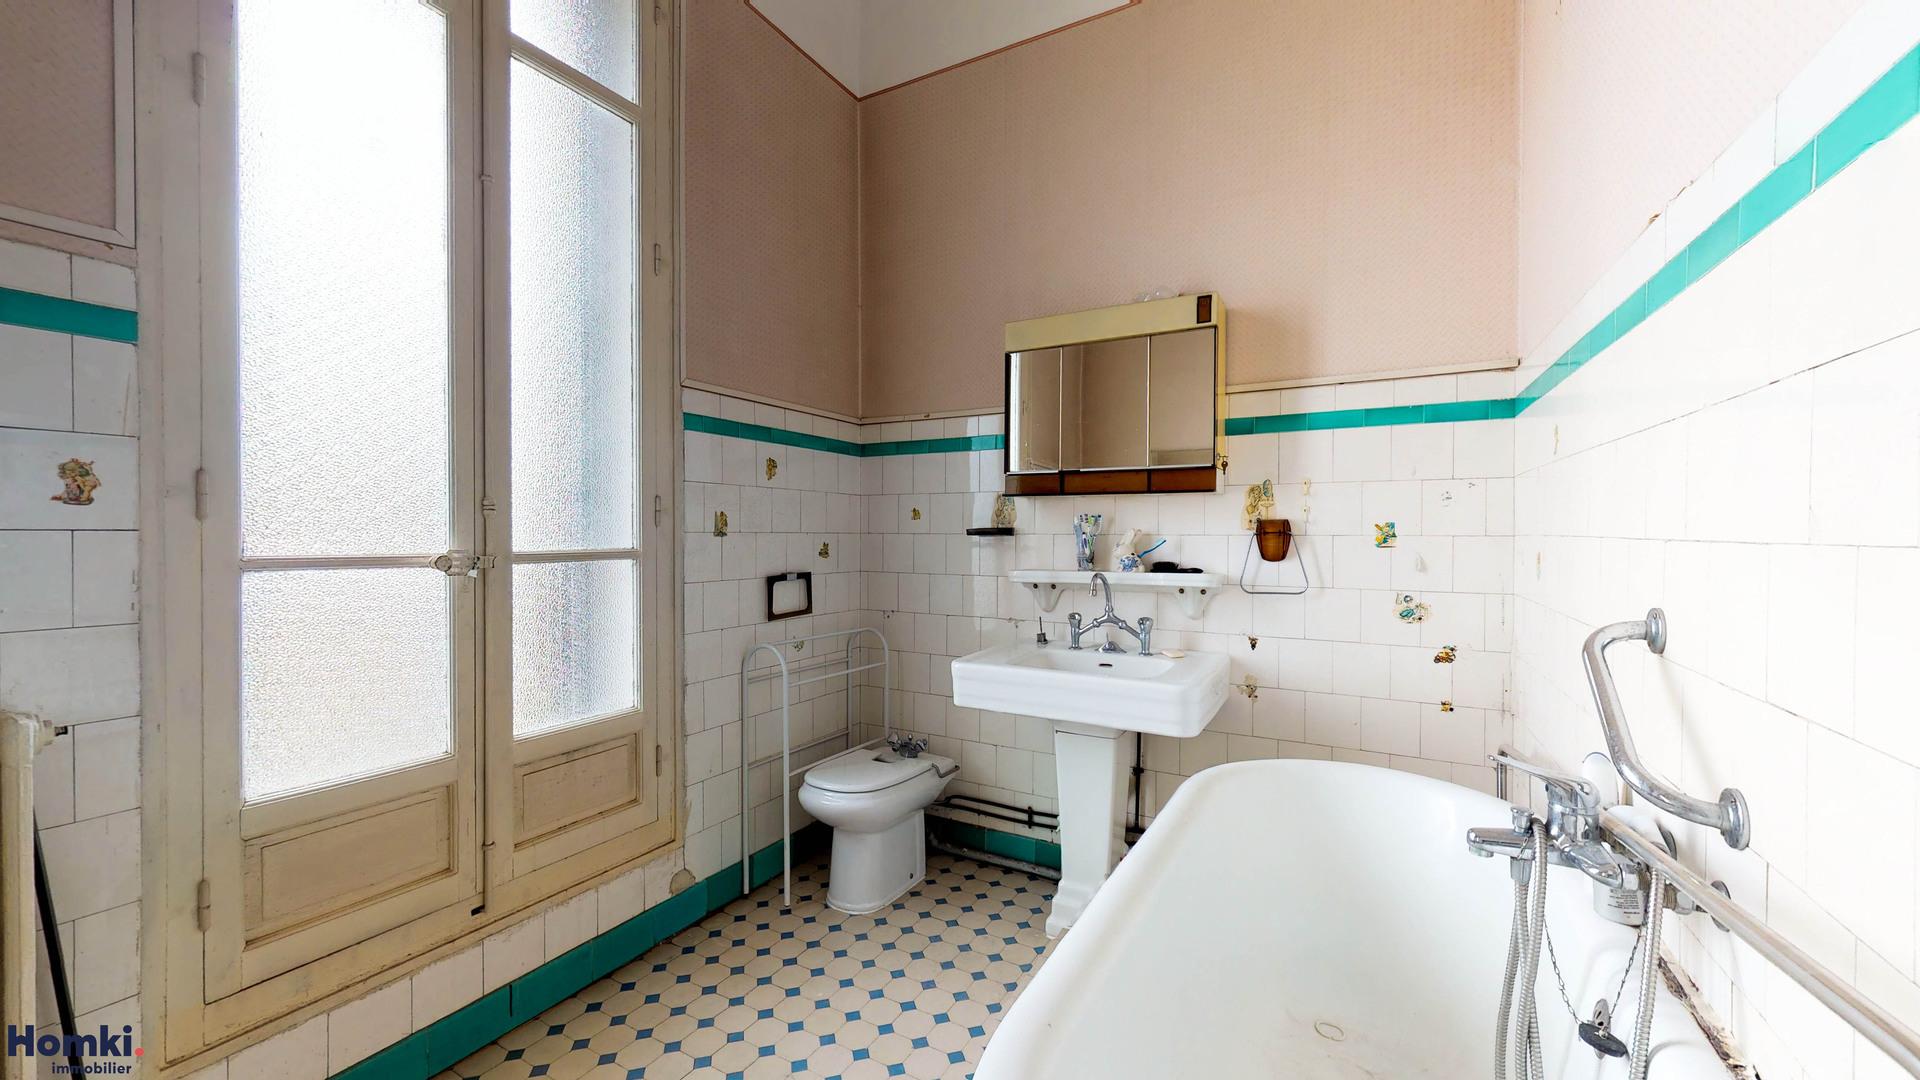 Vente Maison 179 m² T10 13008_11